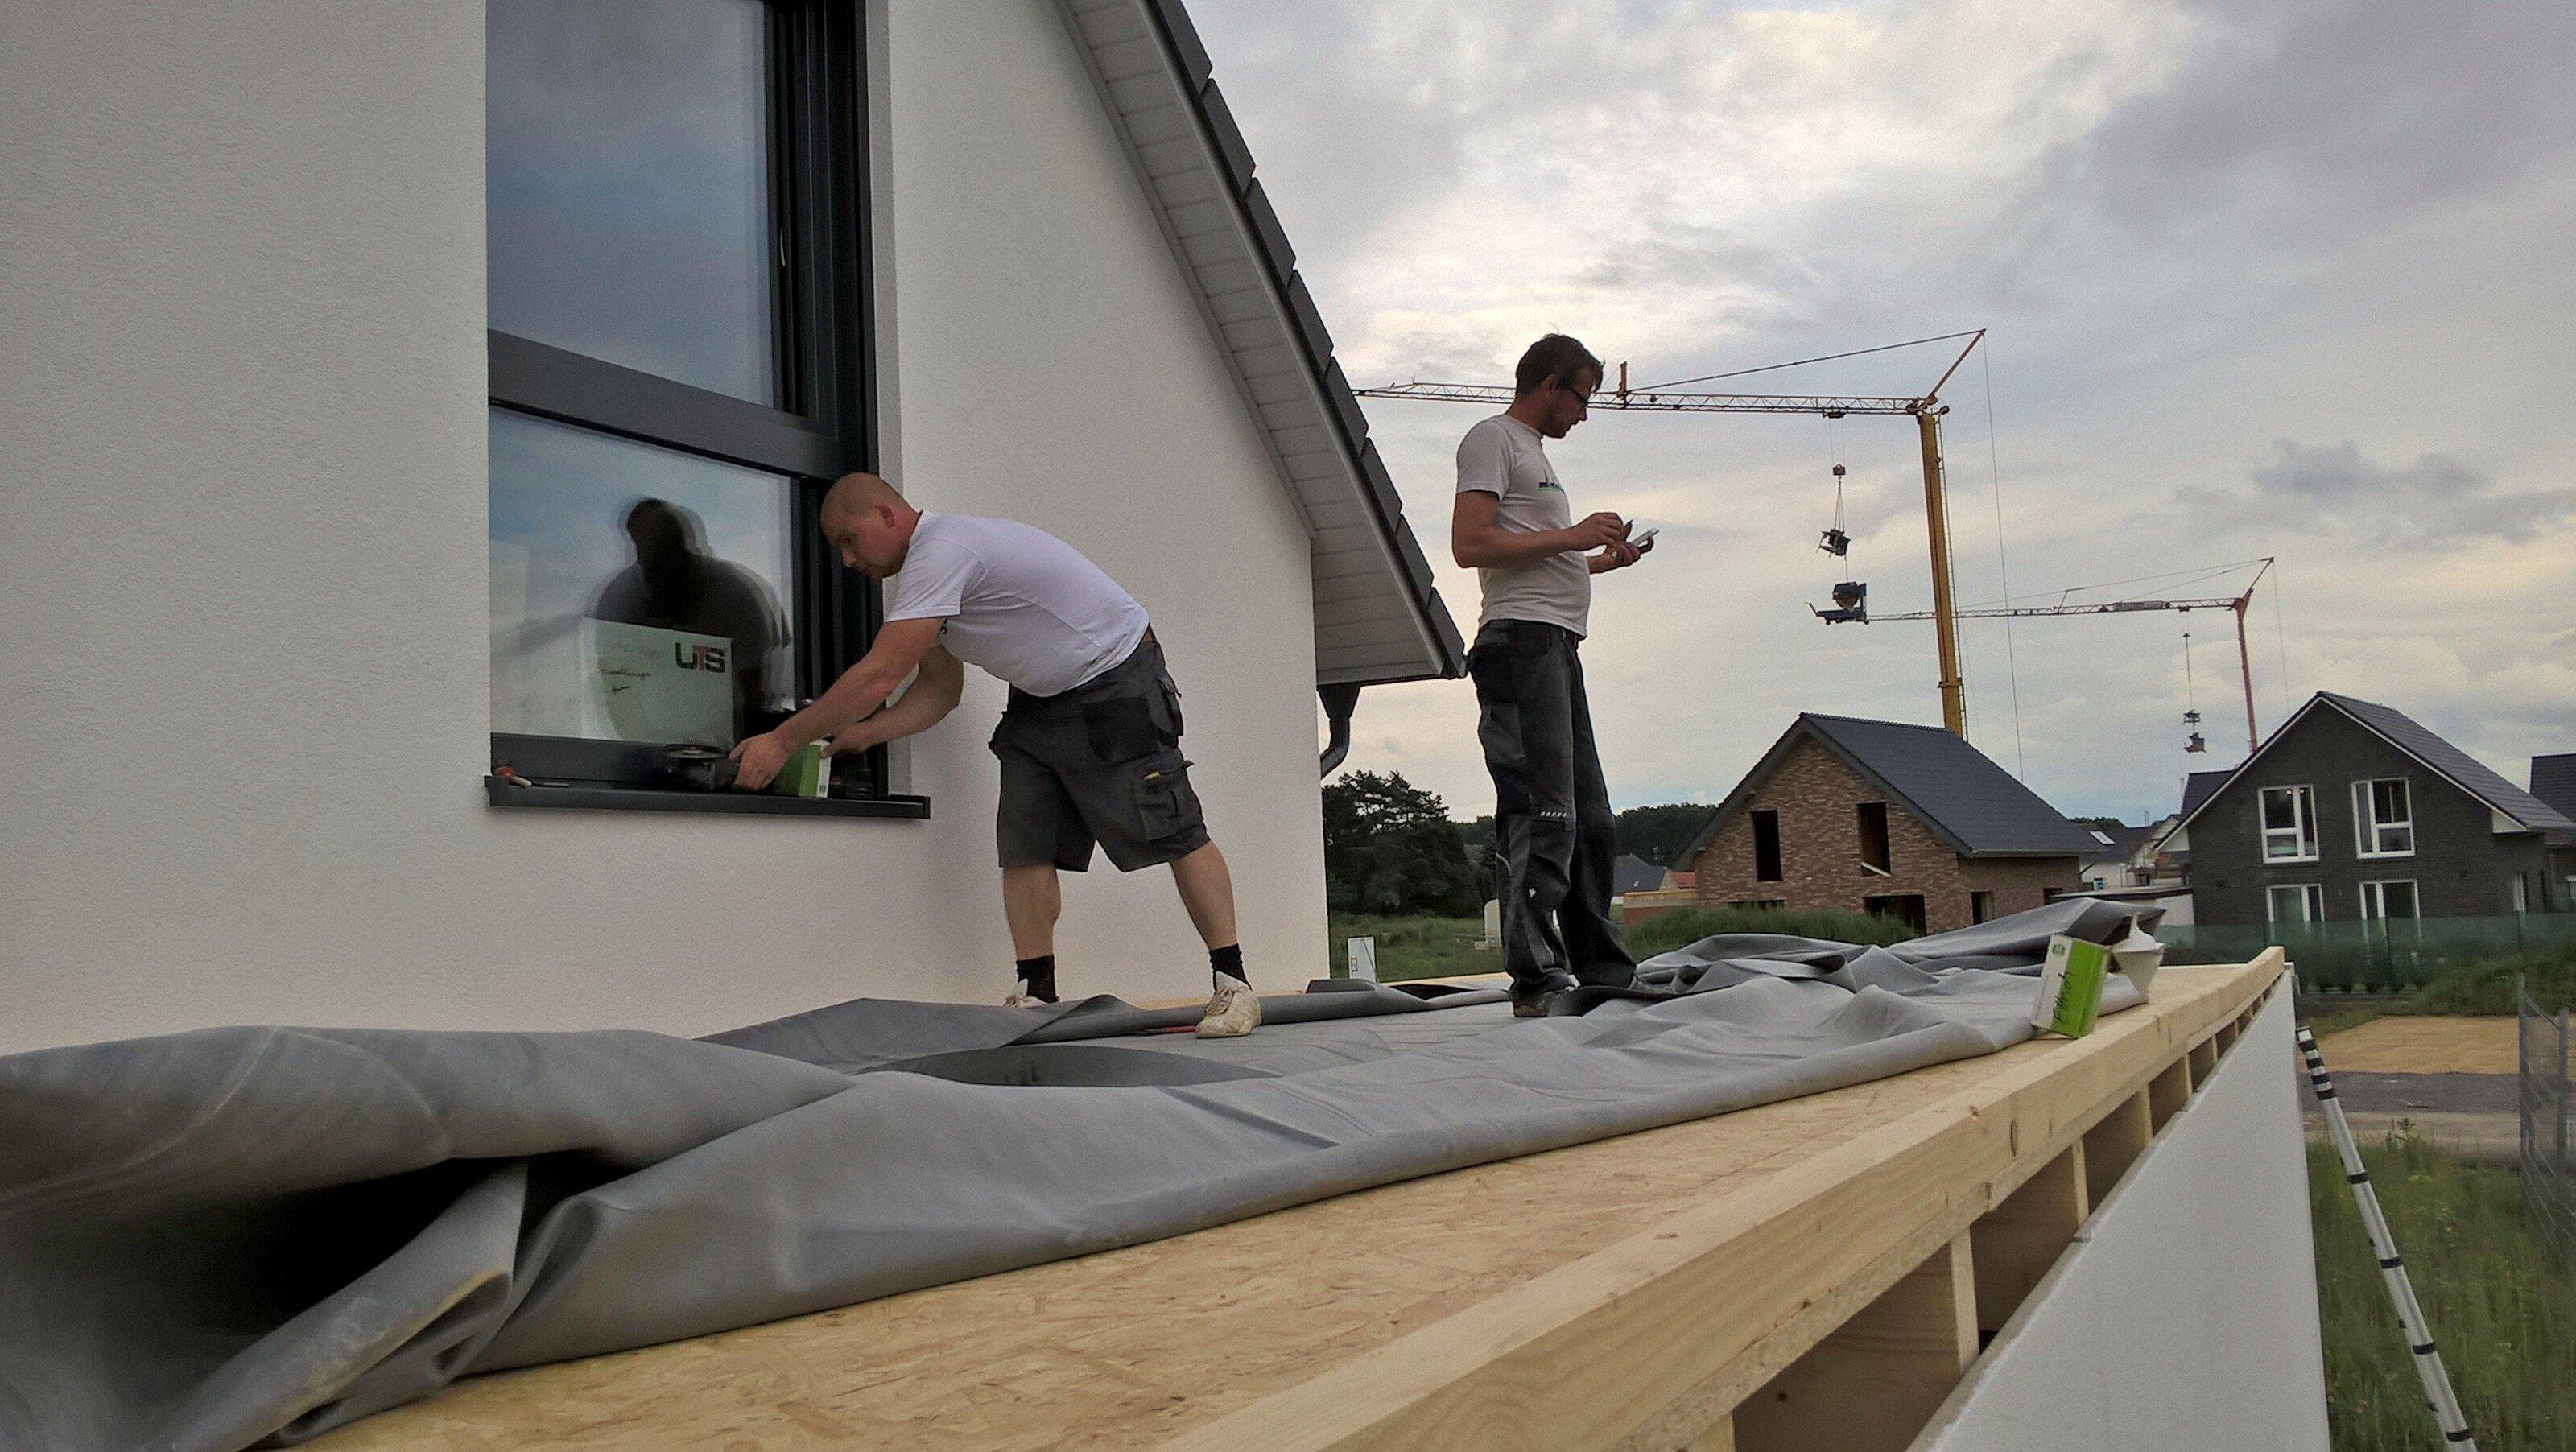 Dachfolie bei Holzständer-Garage wird verlegt und verklebt.